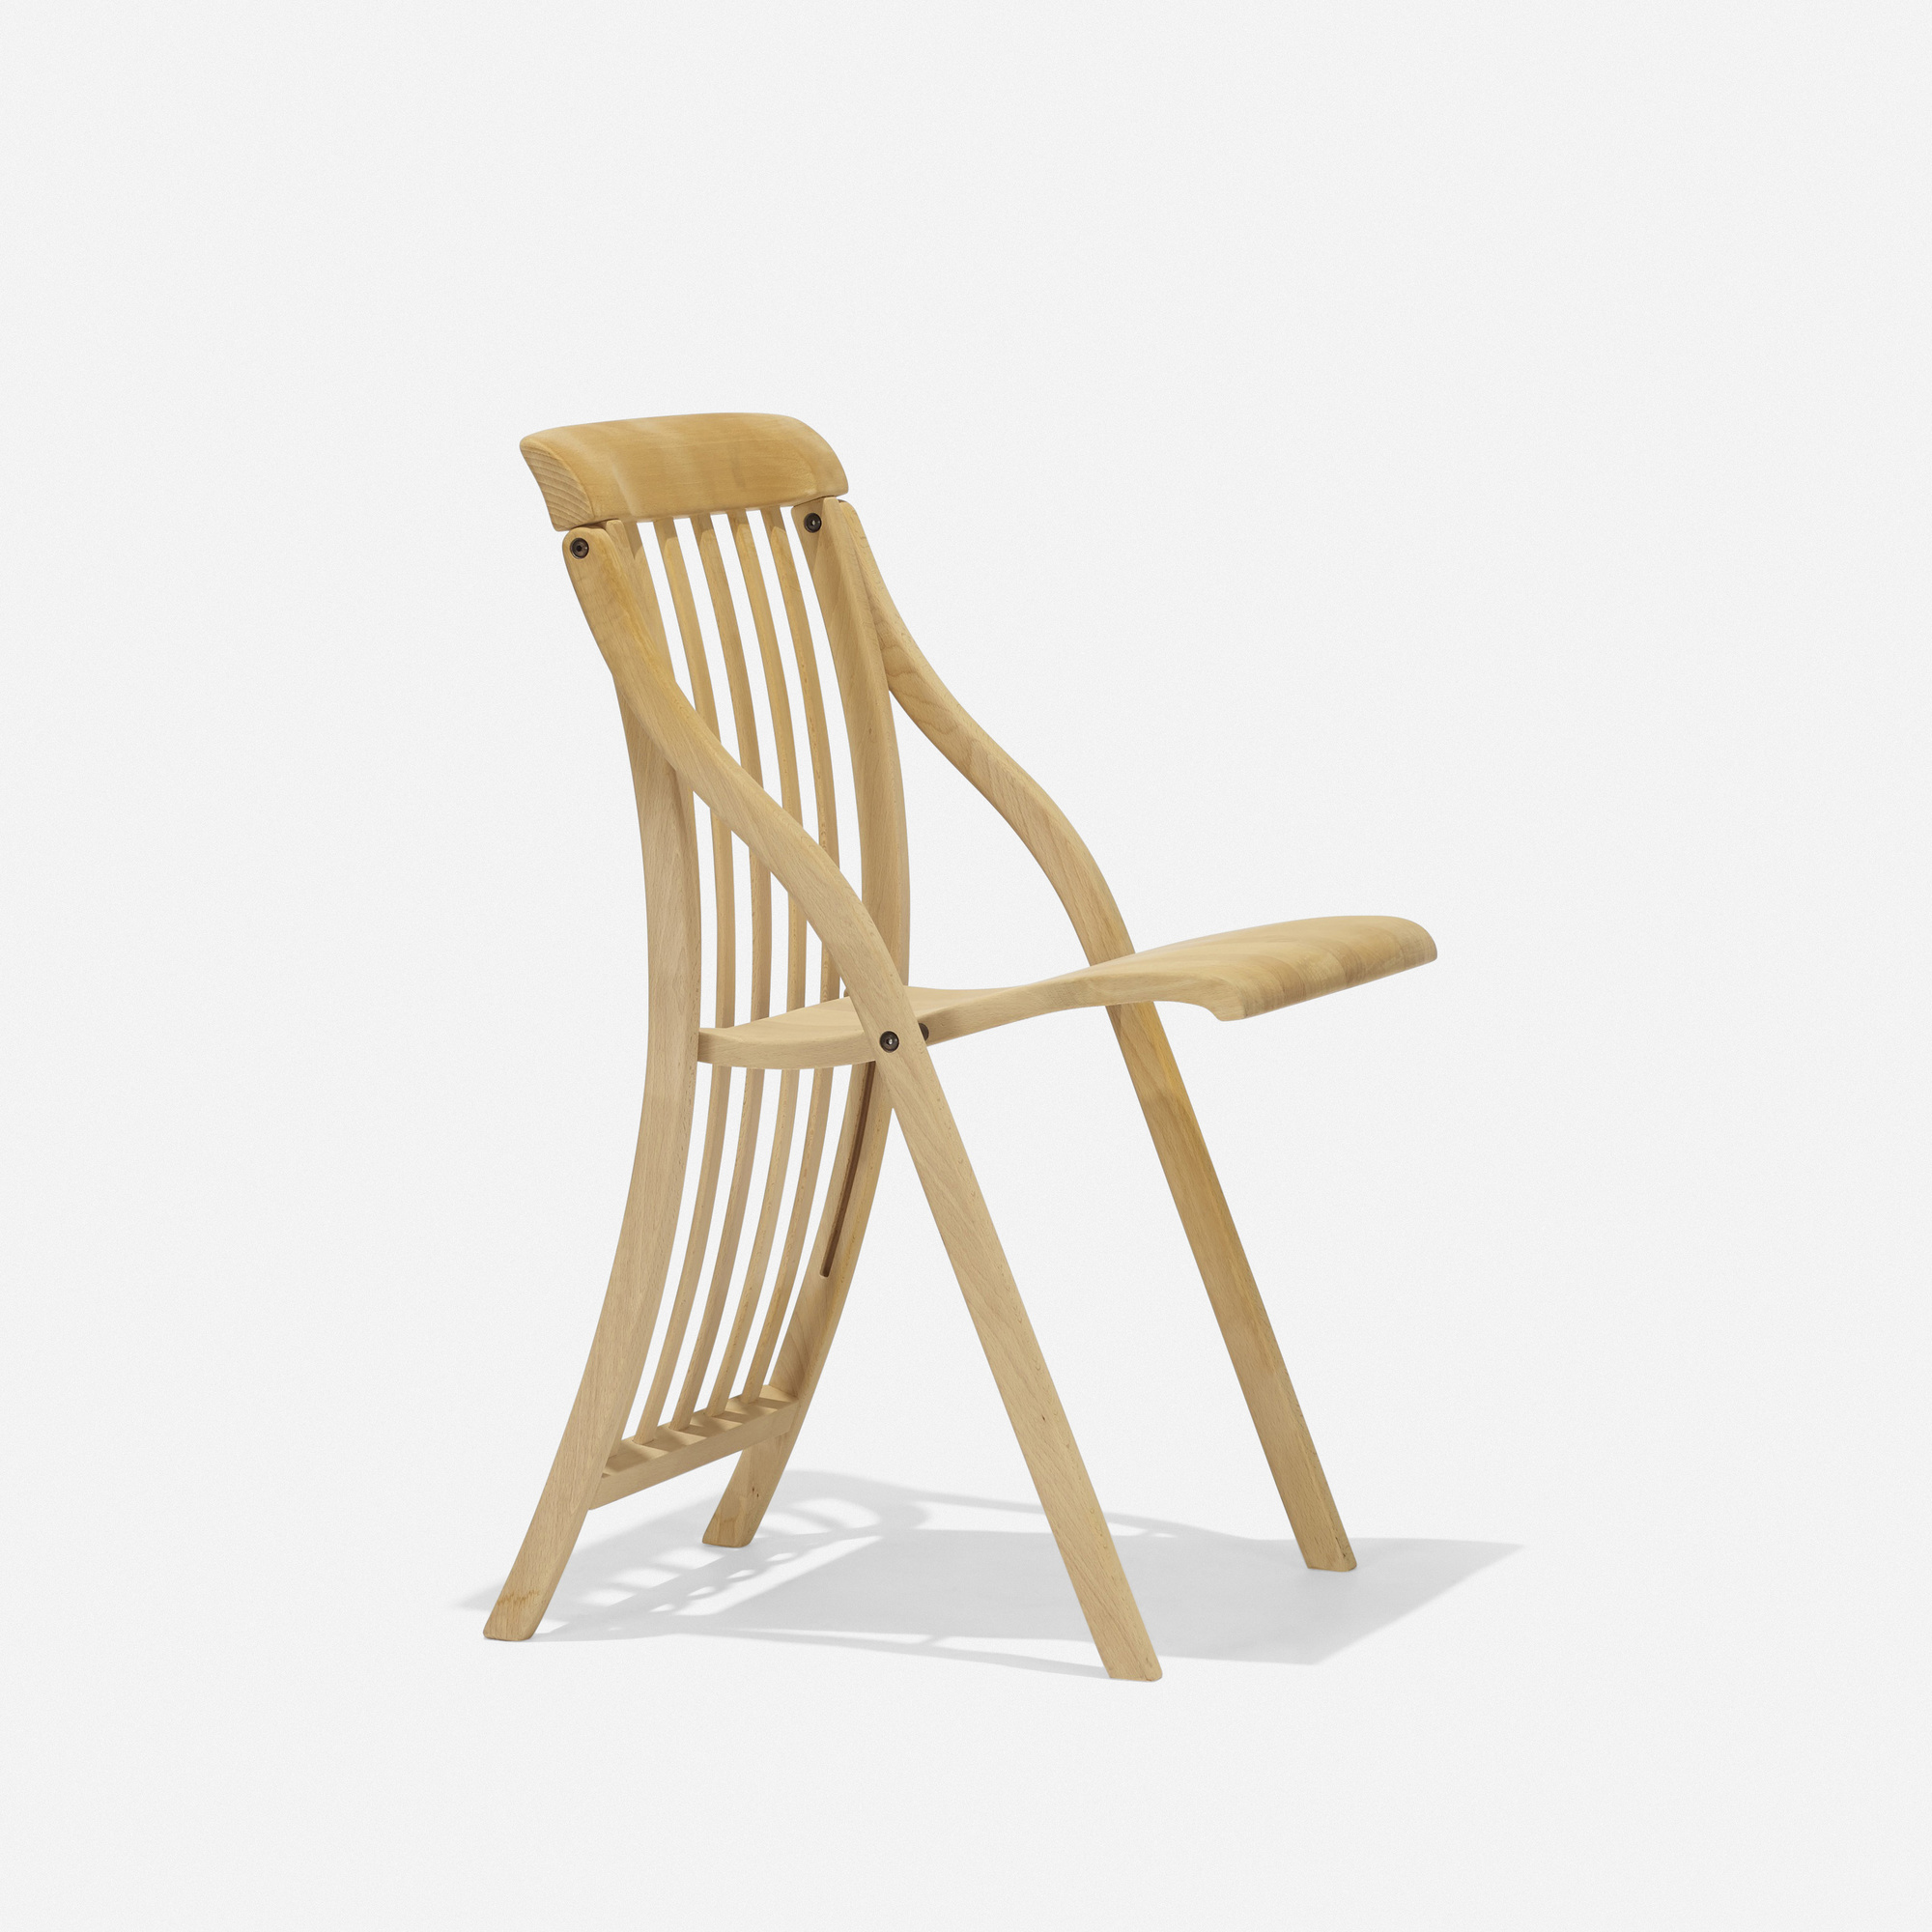 355 michele de lucchi sedia folding chair for Sedia design 2016